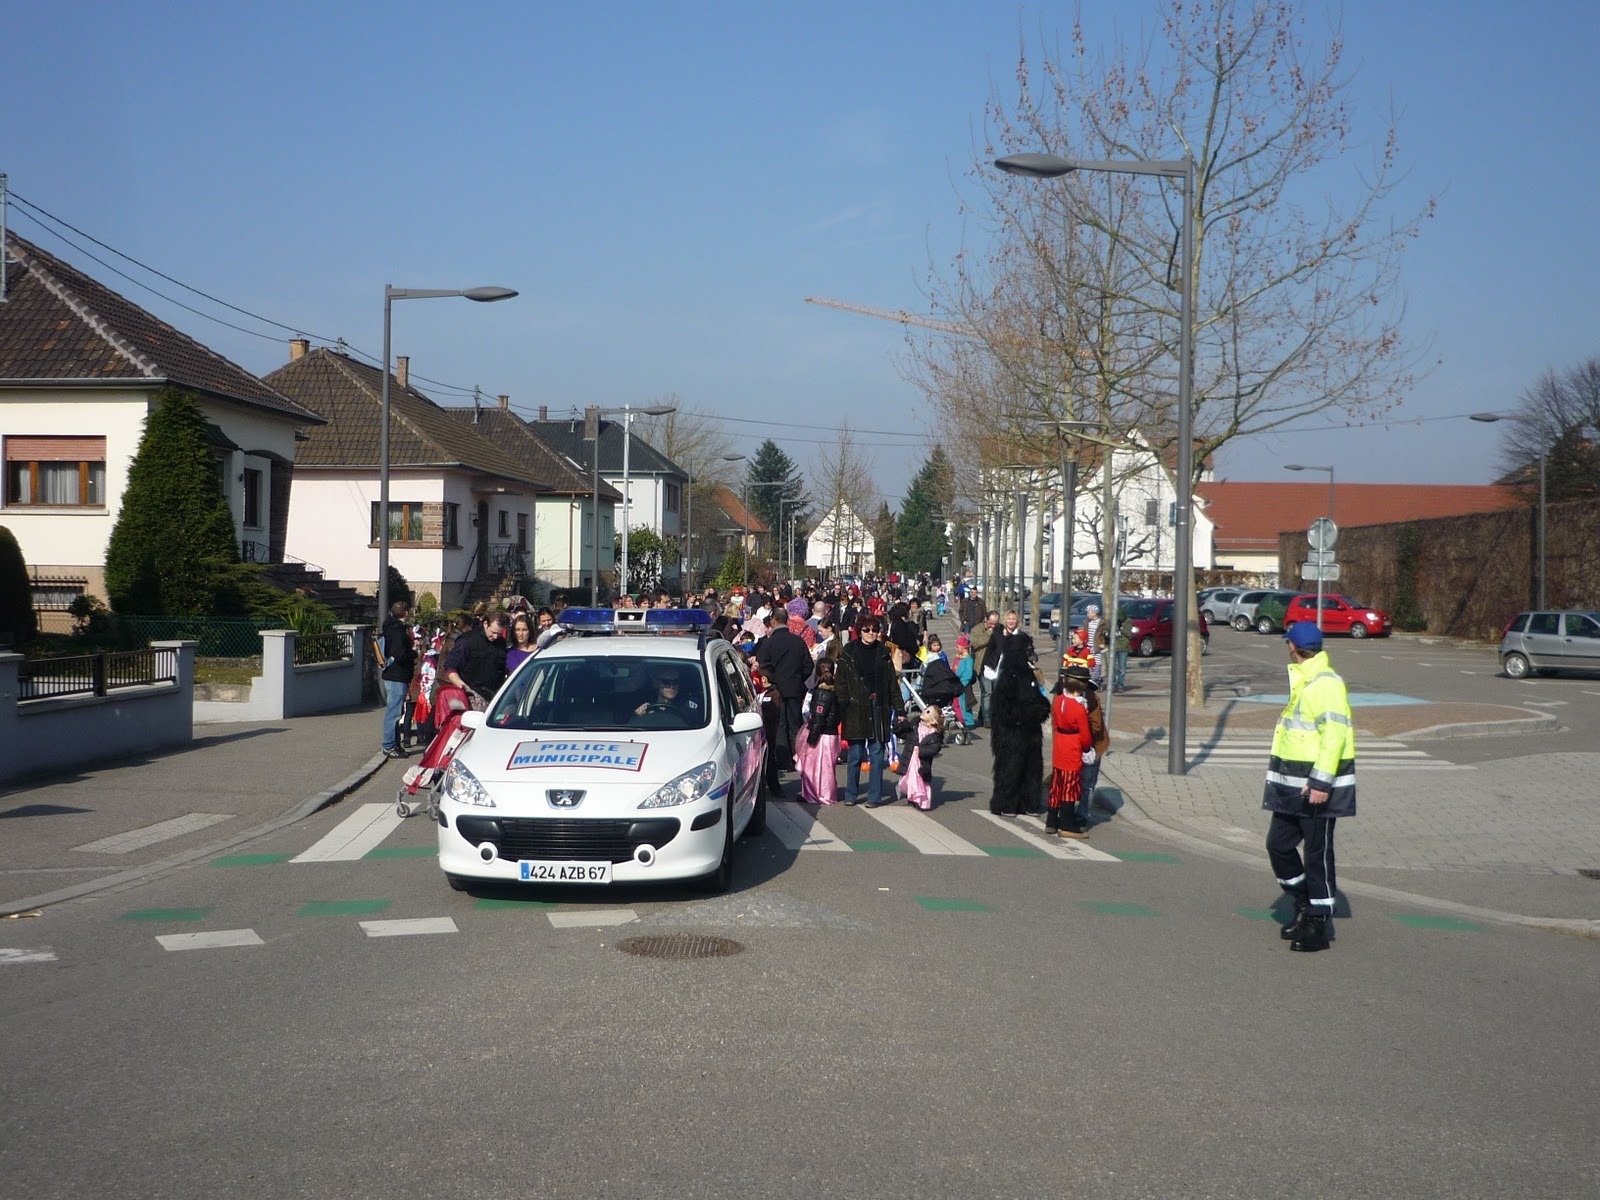 r u00e9serves communales de s u00e9curit u00e9 civile  mars 2011